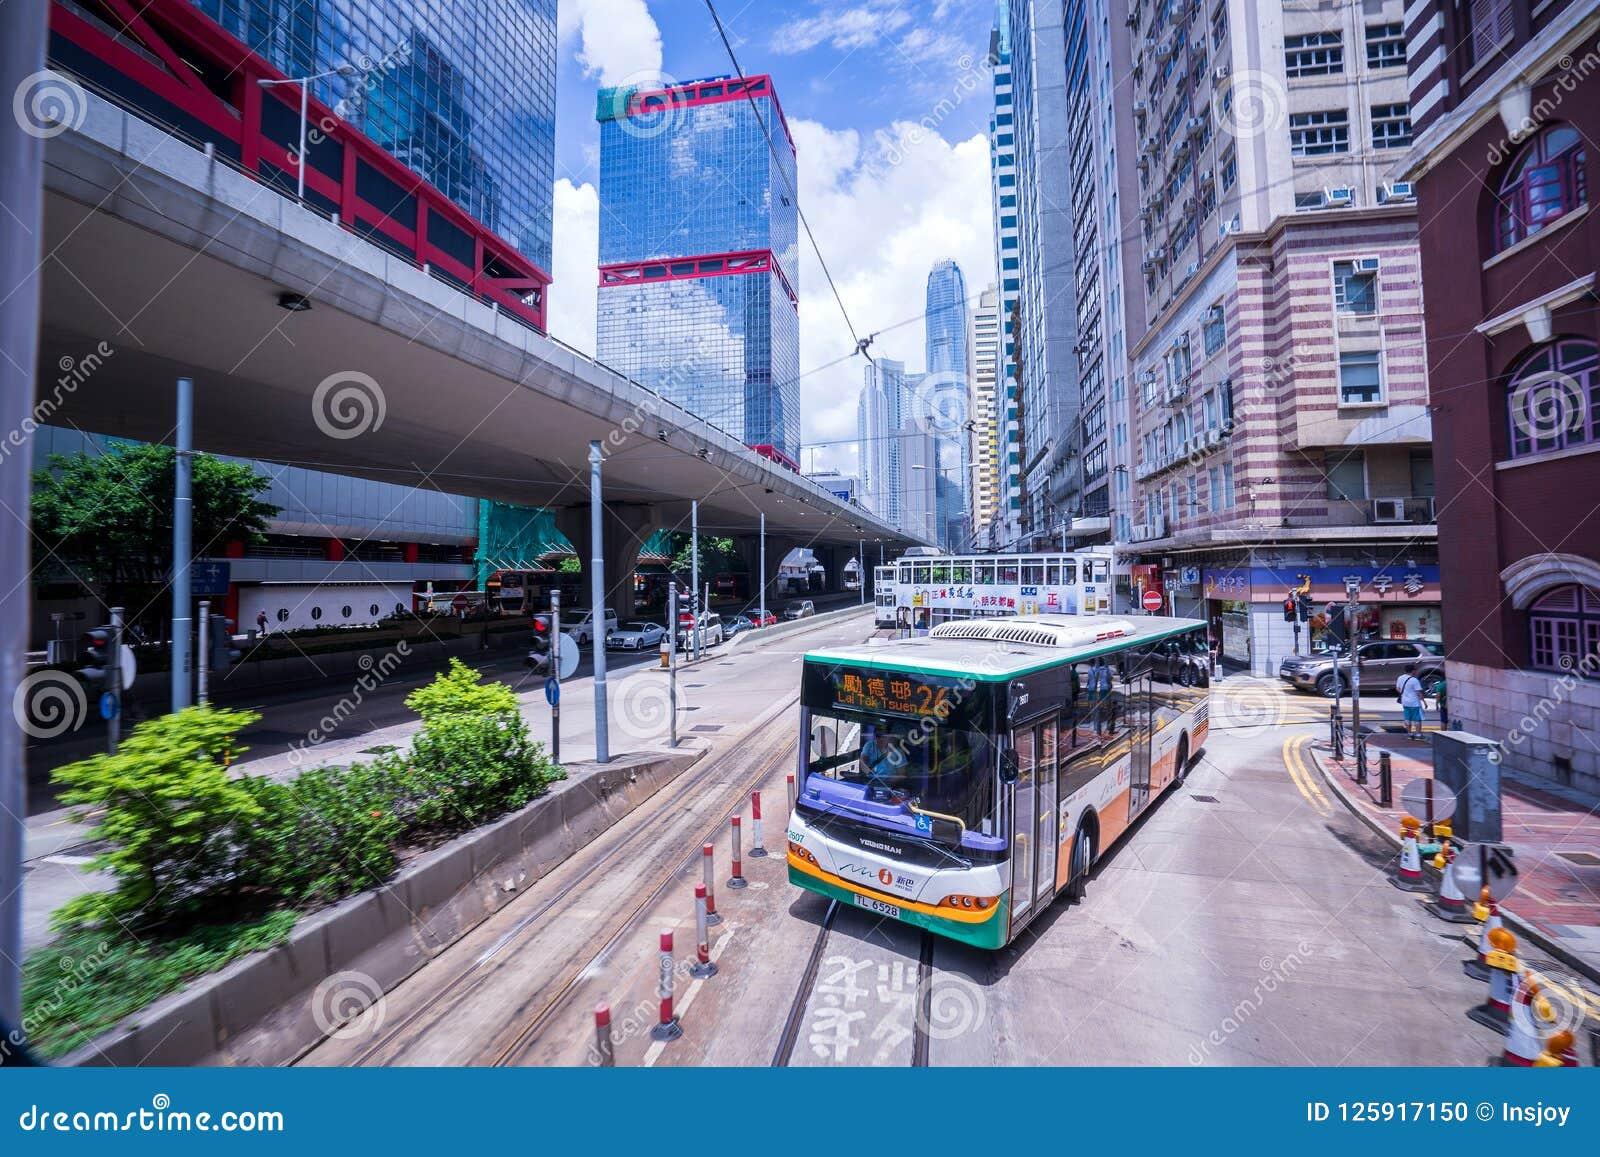 Τροχιοδρομικές γραμμές Χονγκ Κονγκ, τραμ Χονγκ Κονγκ ` s που οργανώνονται σε δύο κατευθύνσεις -- αδύνατη πλάτη επιβατών ανατολής